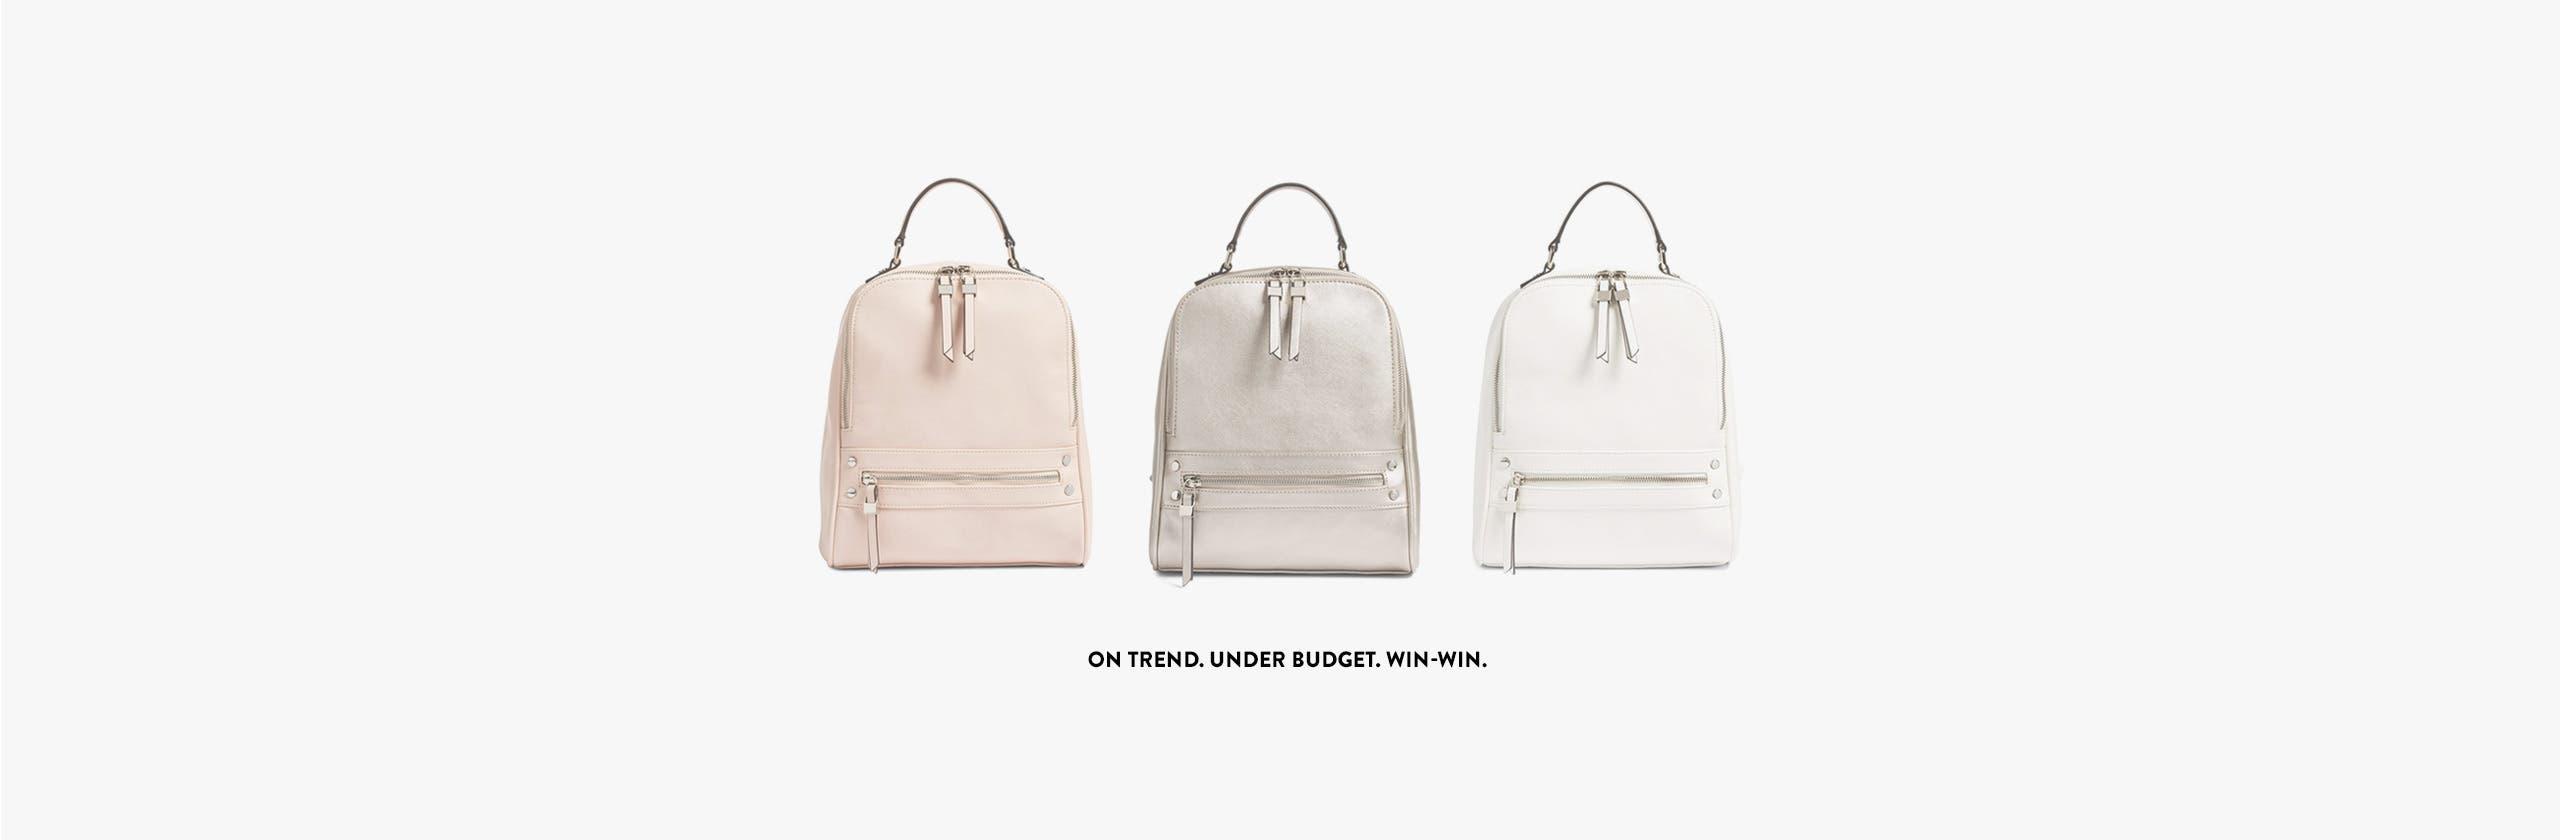 On-trend handbags under $100.